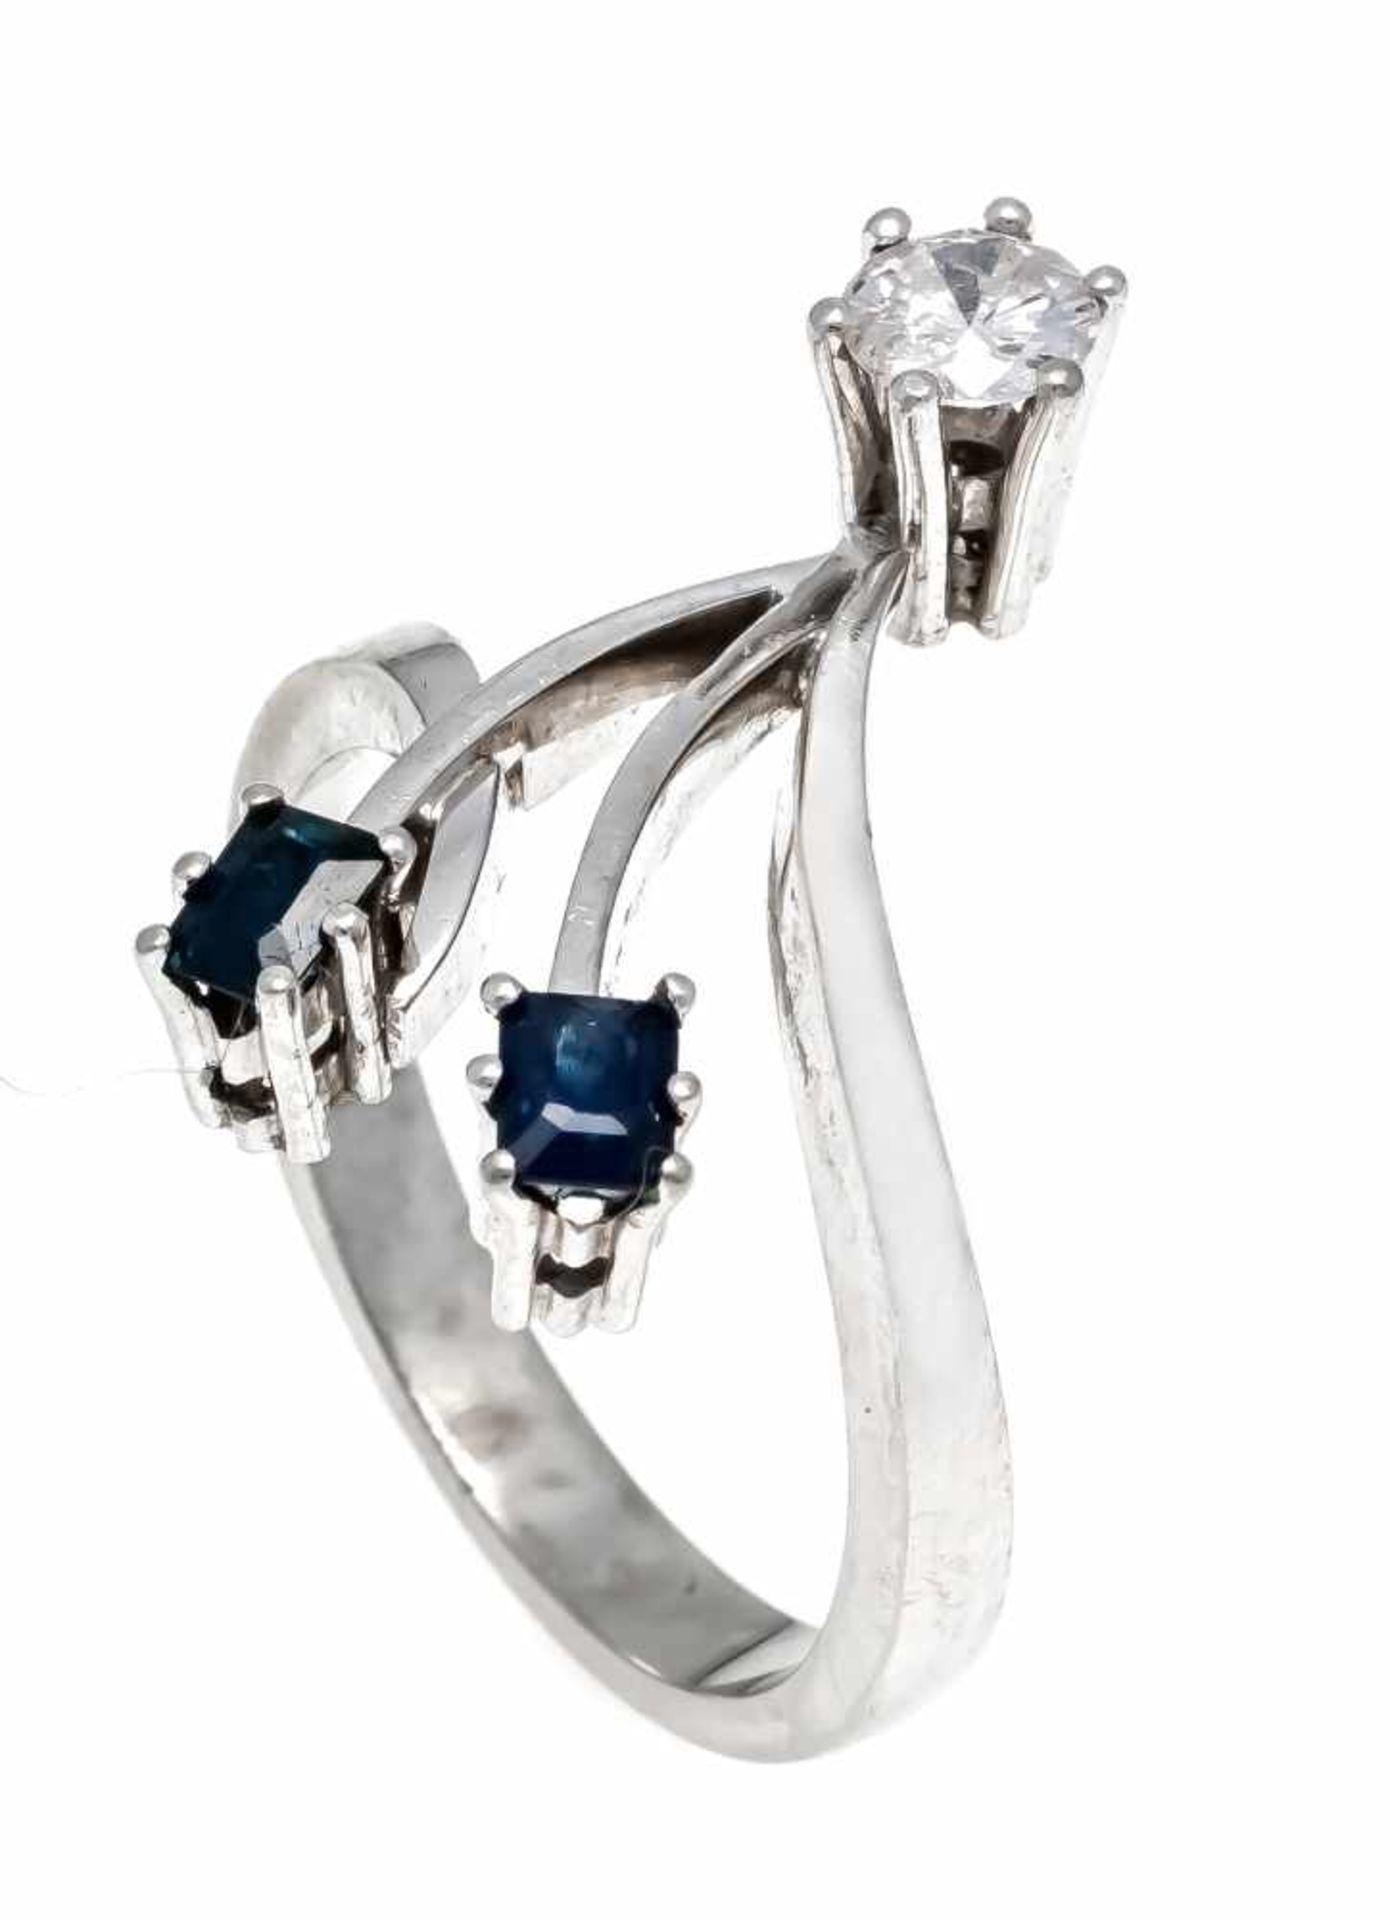 Saphir-Brillant-Ring WG 585/000 mit 2 im Smaragdschliff fac. Saphiren 3,8 x 3 mm in guter Farbe